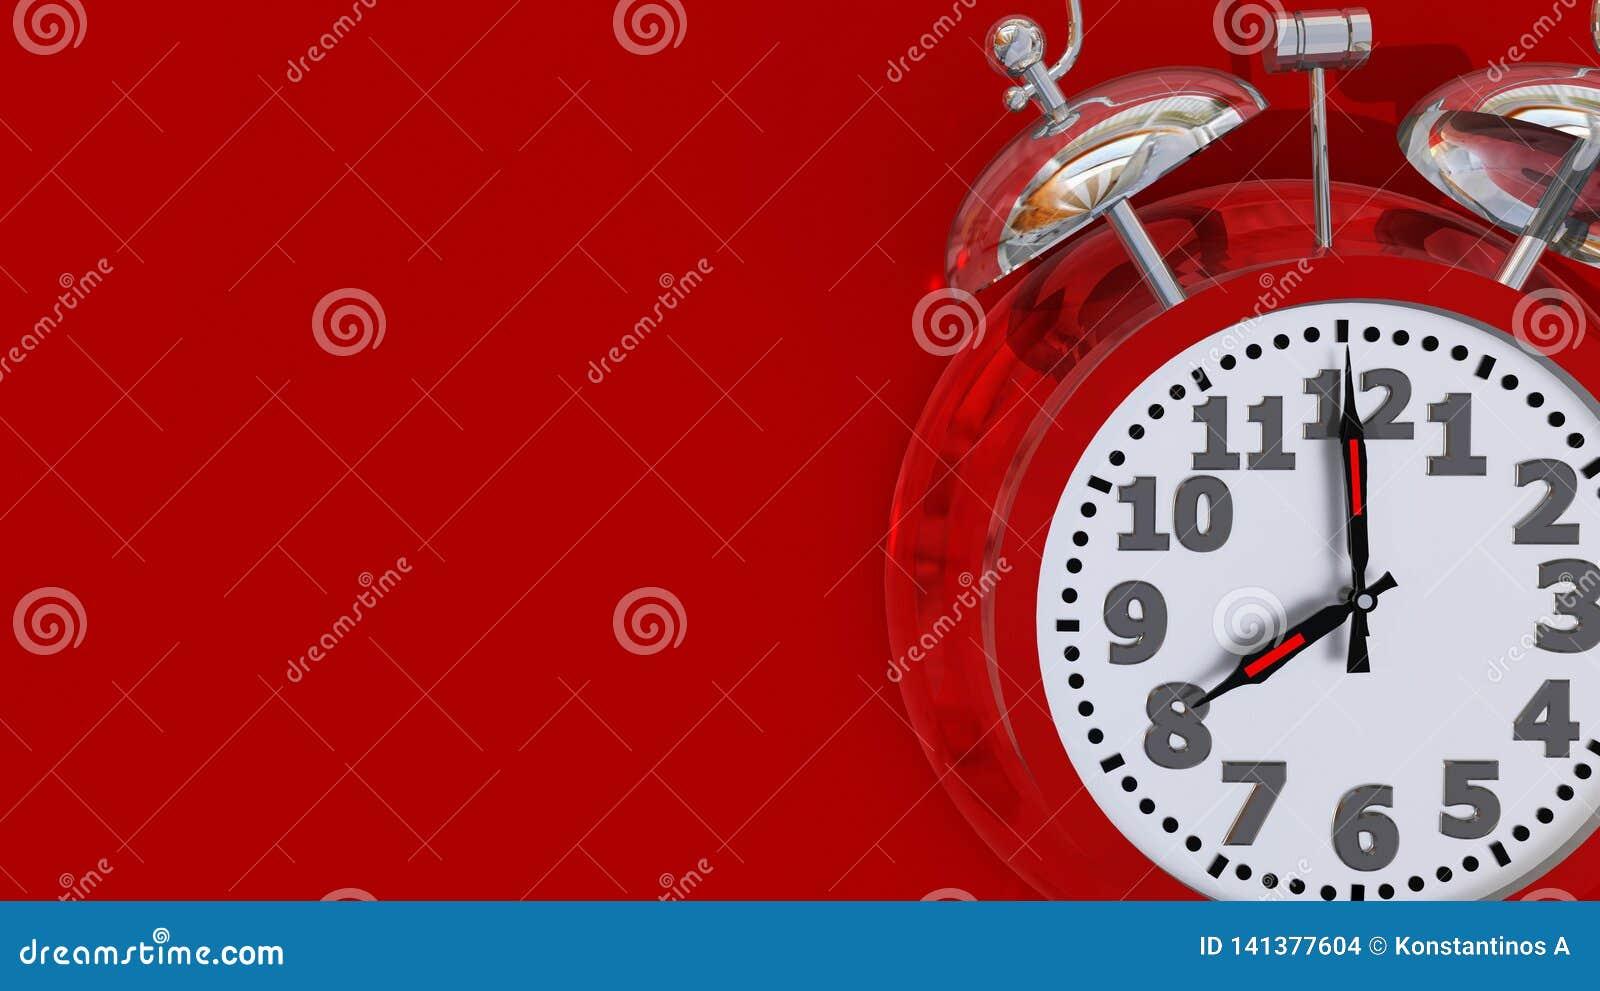 Alarma roja de las 8 del reloj retra - representación 3d